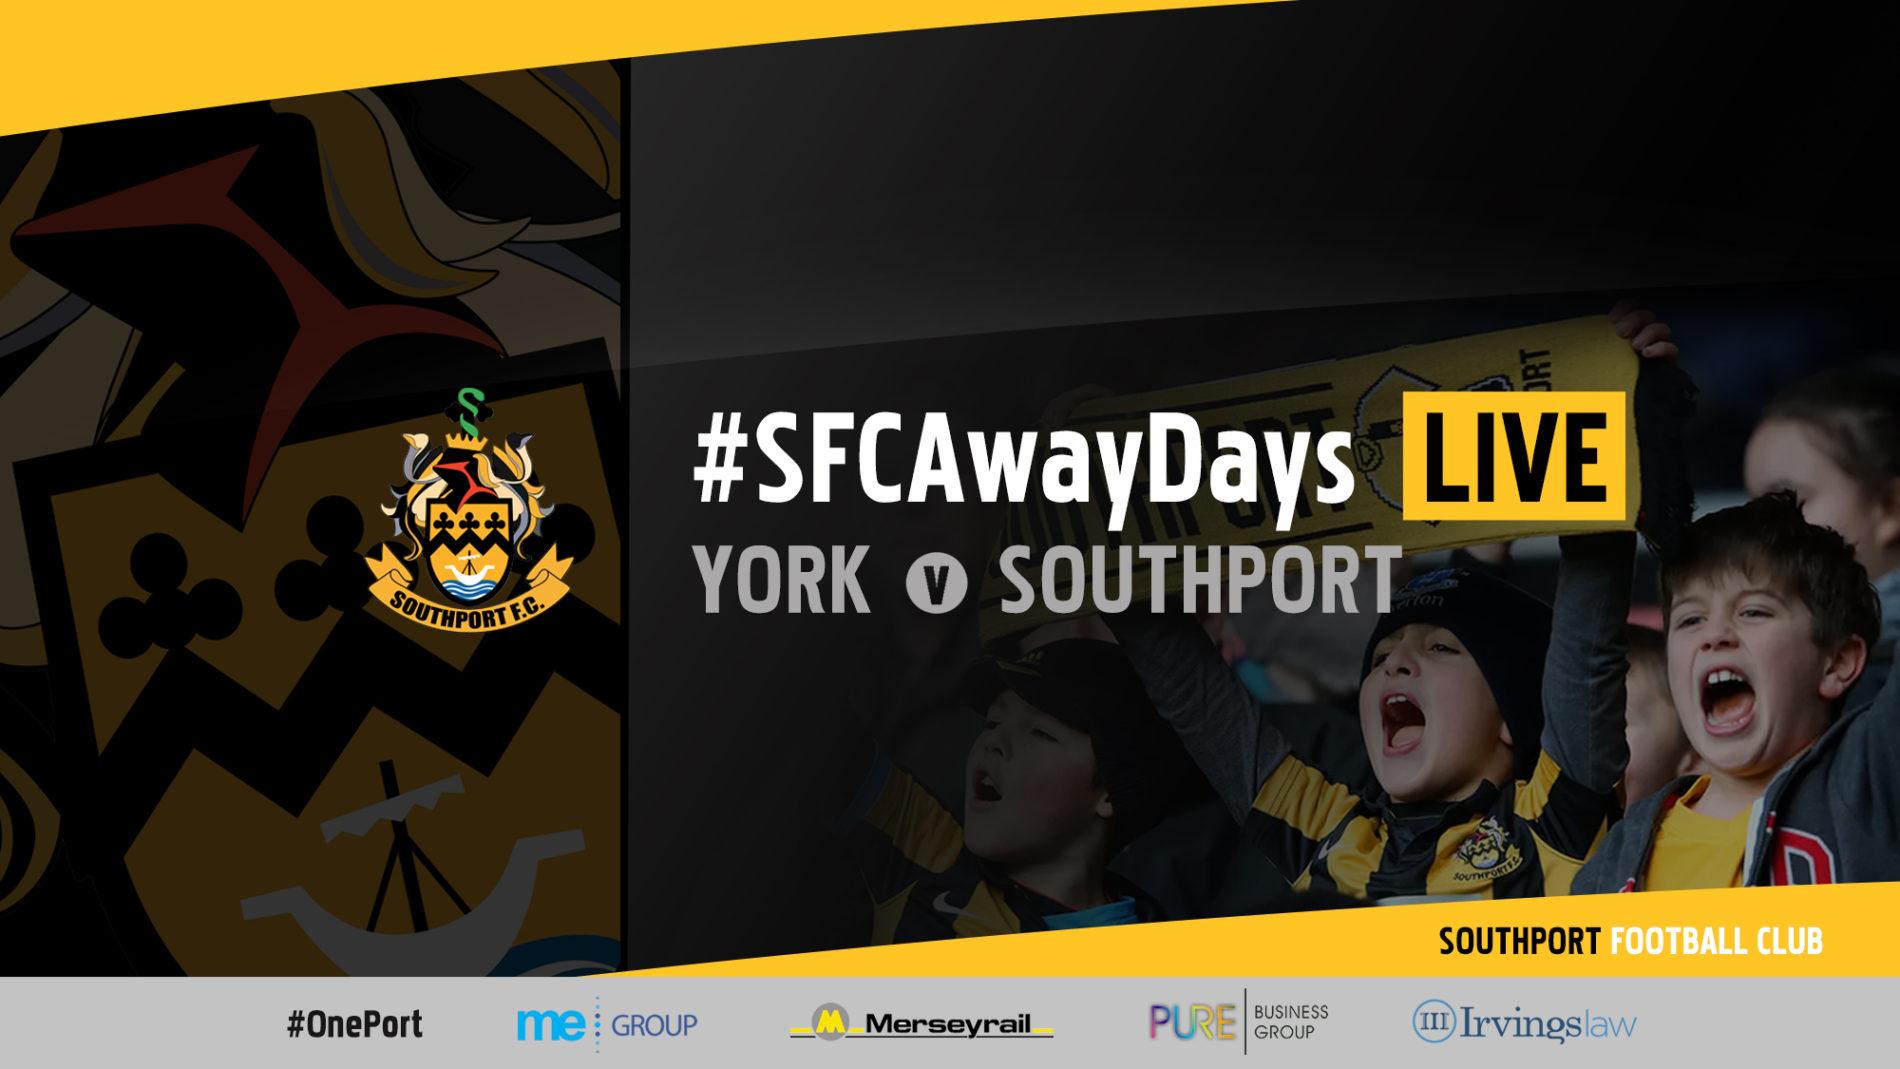 #SFCAwayDays LIVE | York City vs Southport